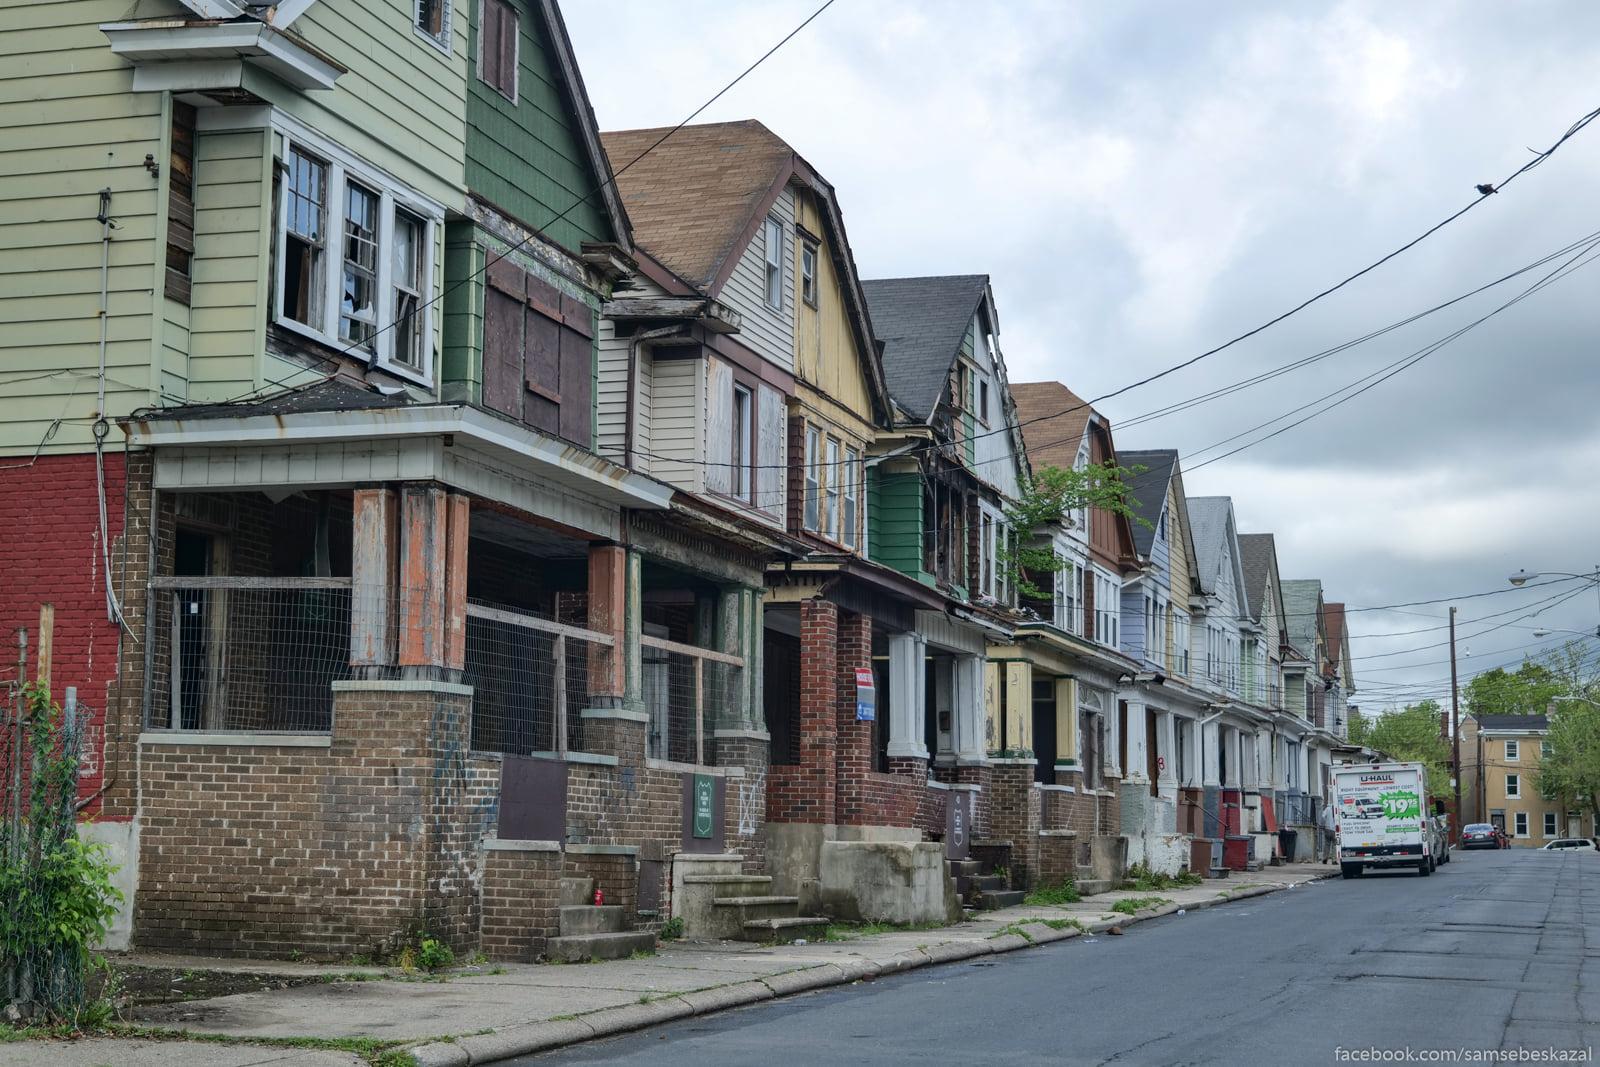 Ulica s zilymi domami,...